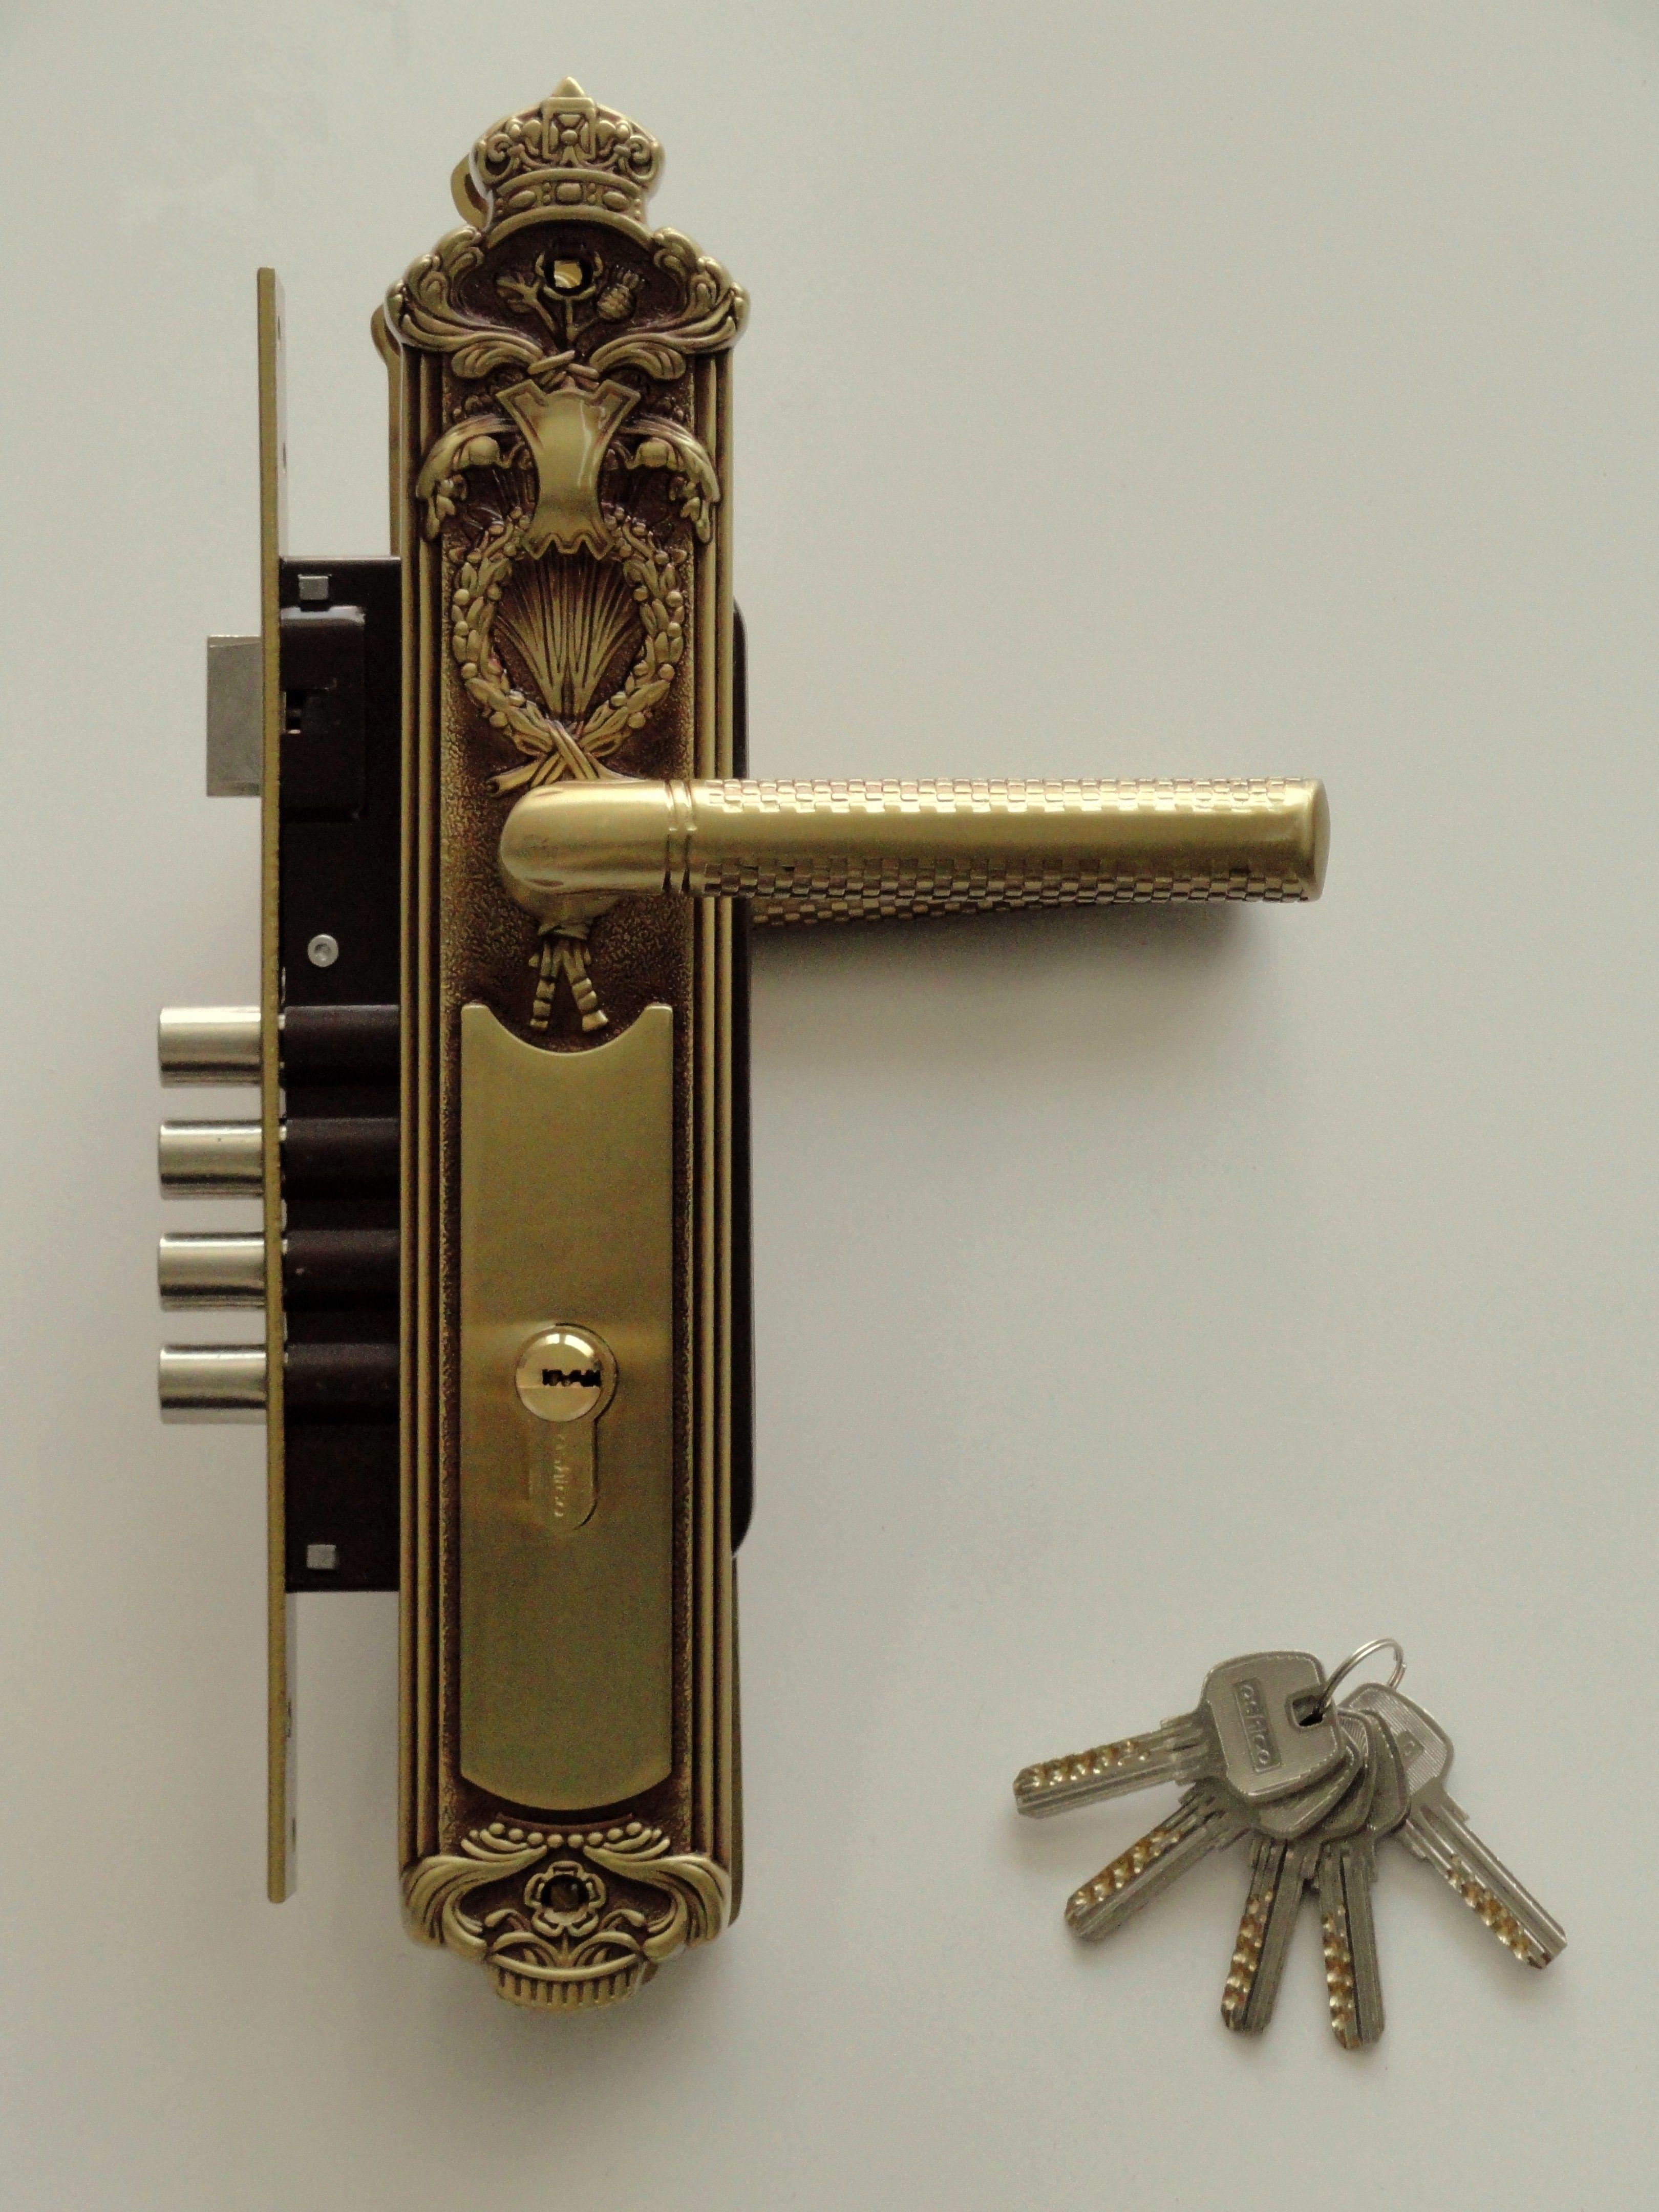 Cerradura Ashico Napoleon Manija/Manija Laton Antiguo con llaves computarizadas. Diseño emulando el estilo imperio que se origino en Francia en el siglo XIX.